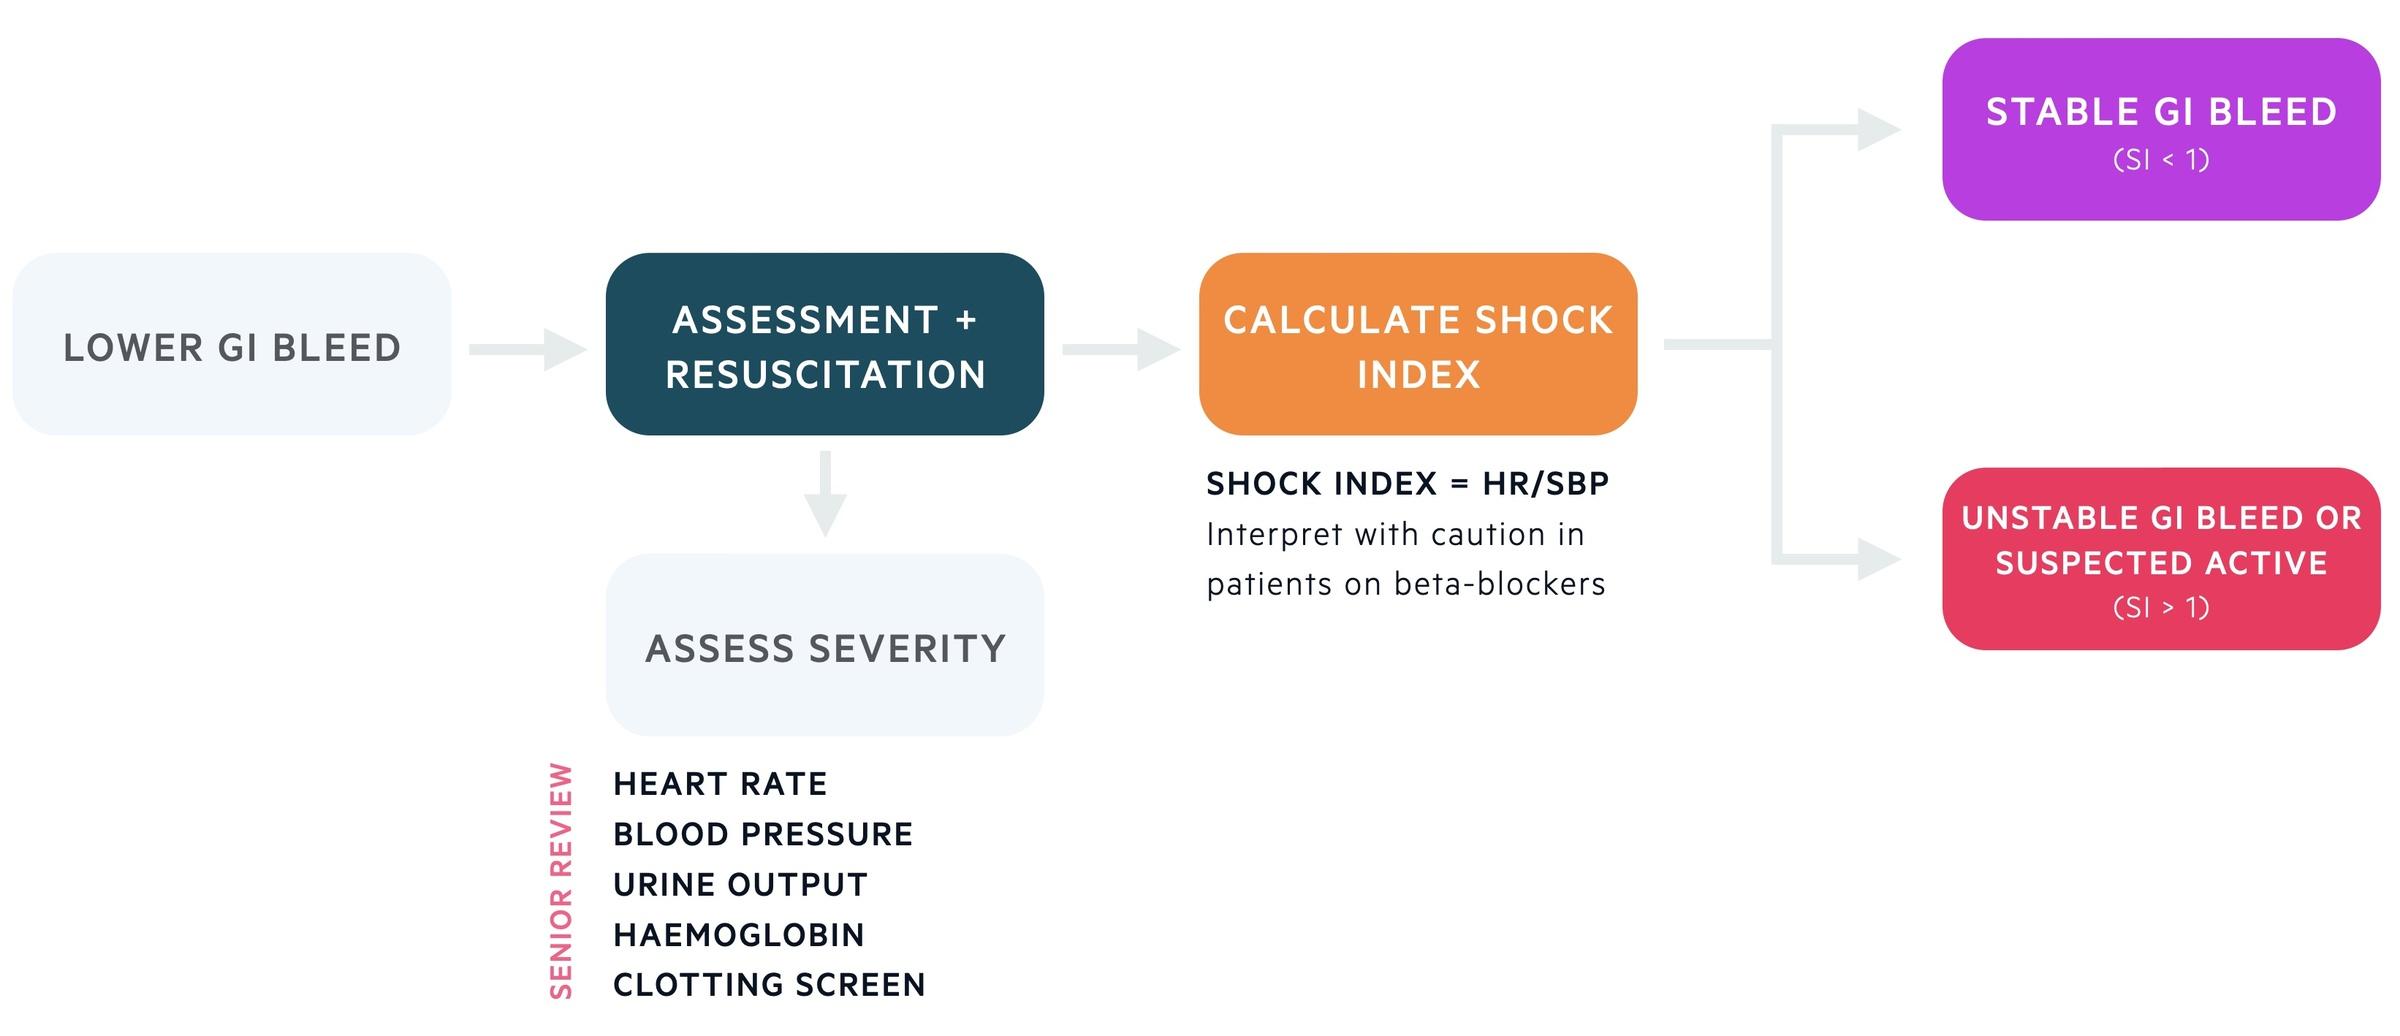 Initial assessment of lower GI bleed